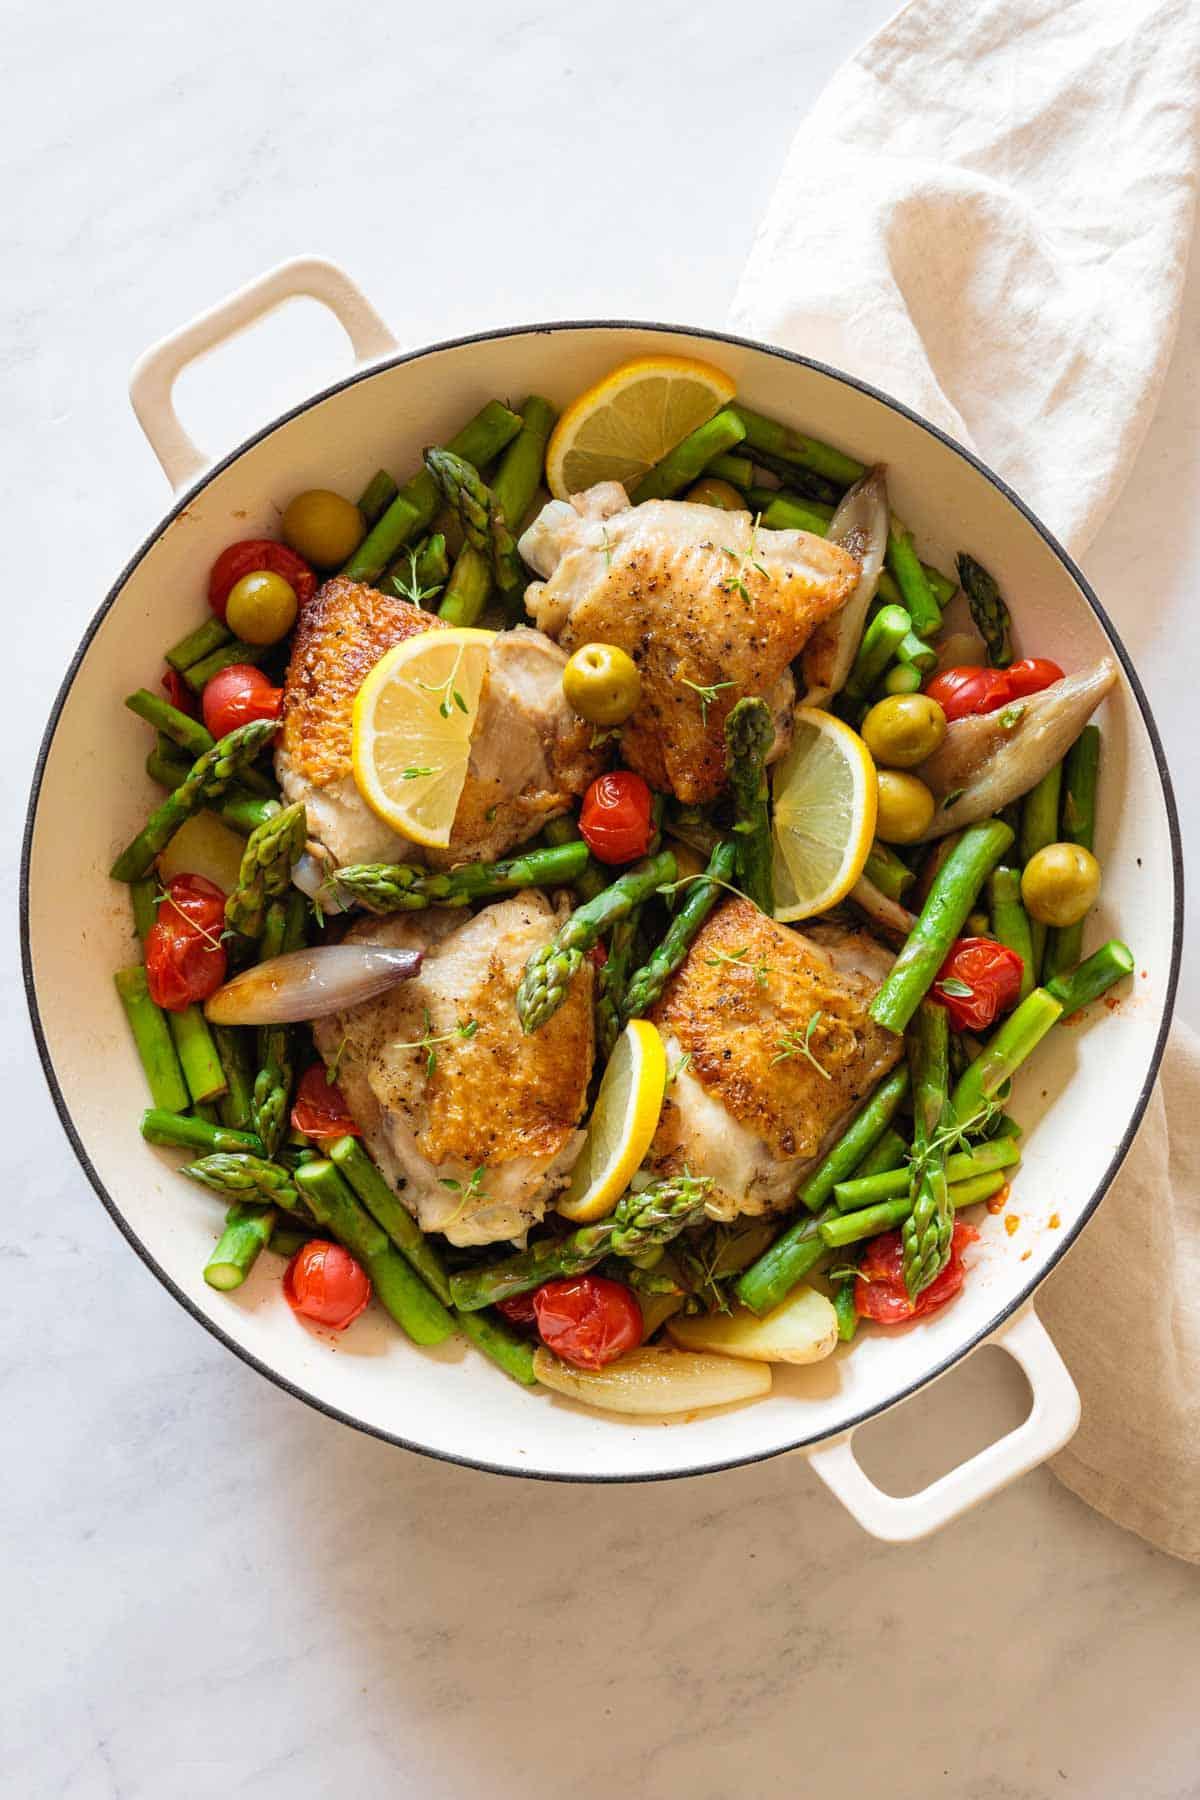 Finished Mediterranean Chicken Dinner in a white pan.